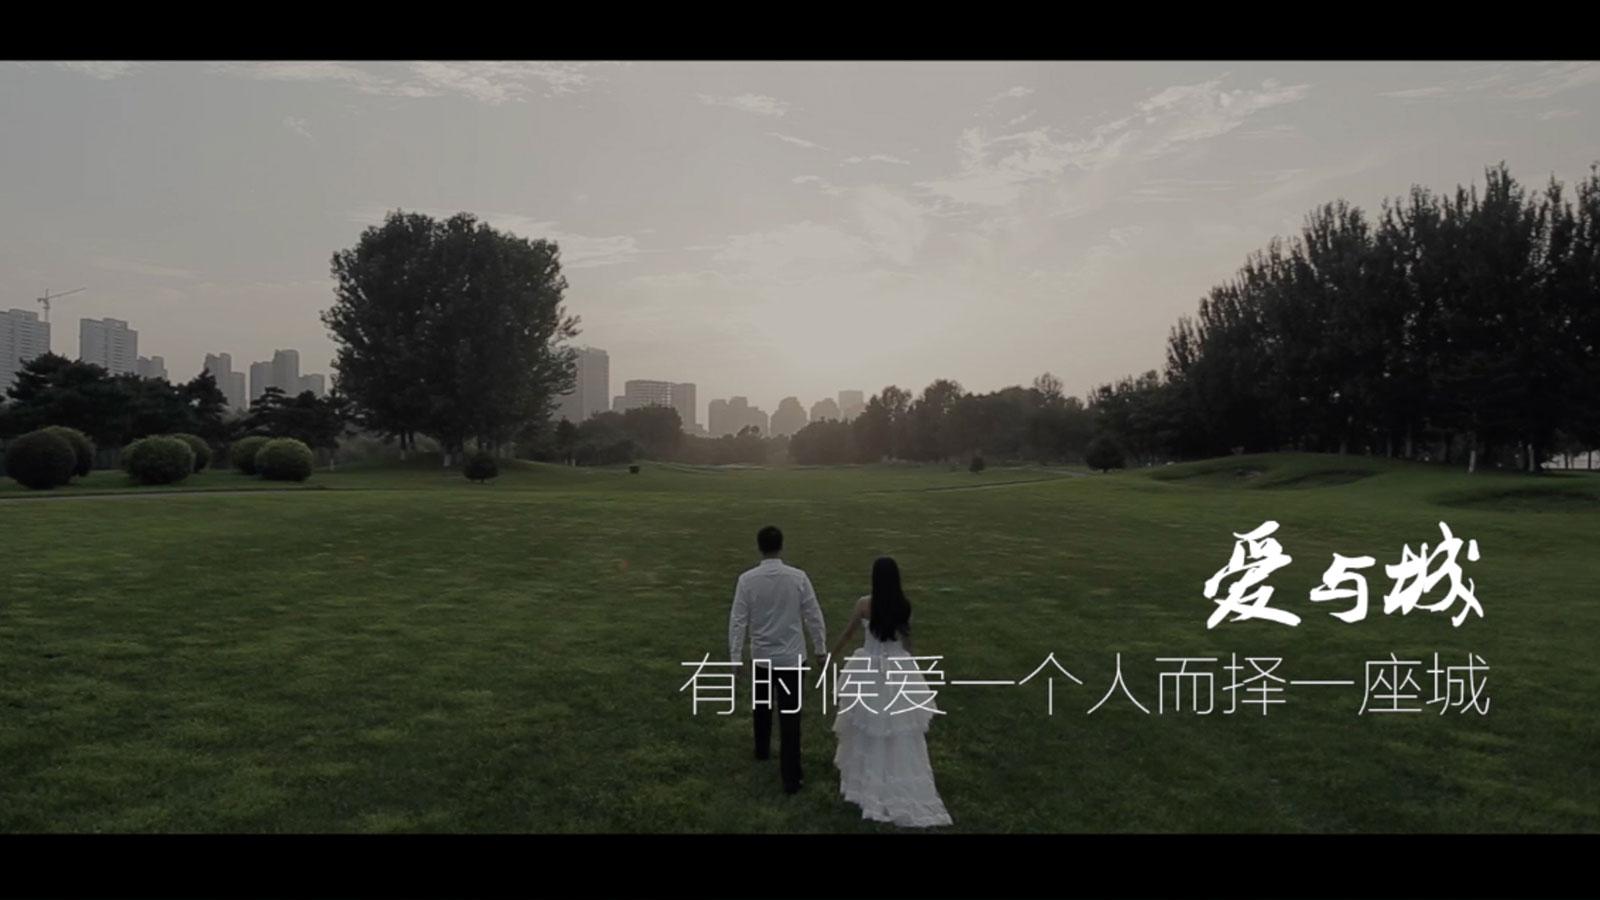 爱与城 AtomMicroFilm